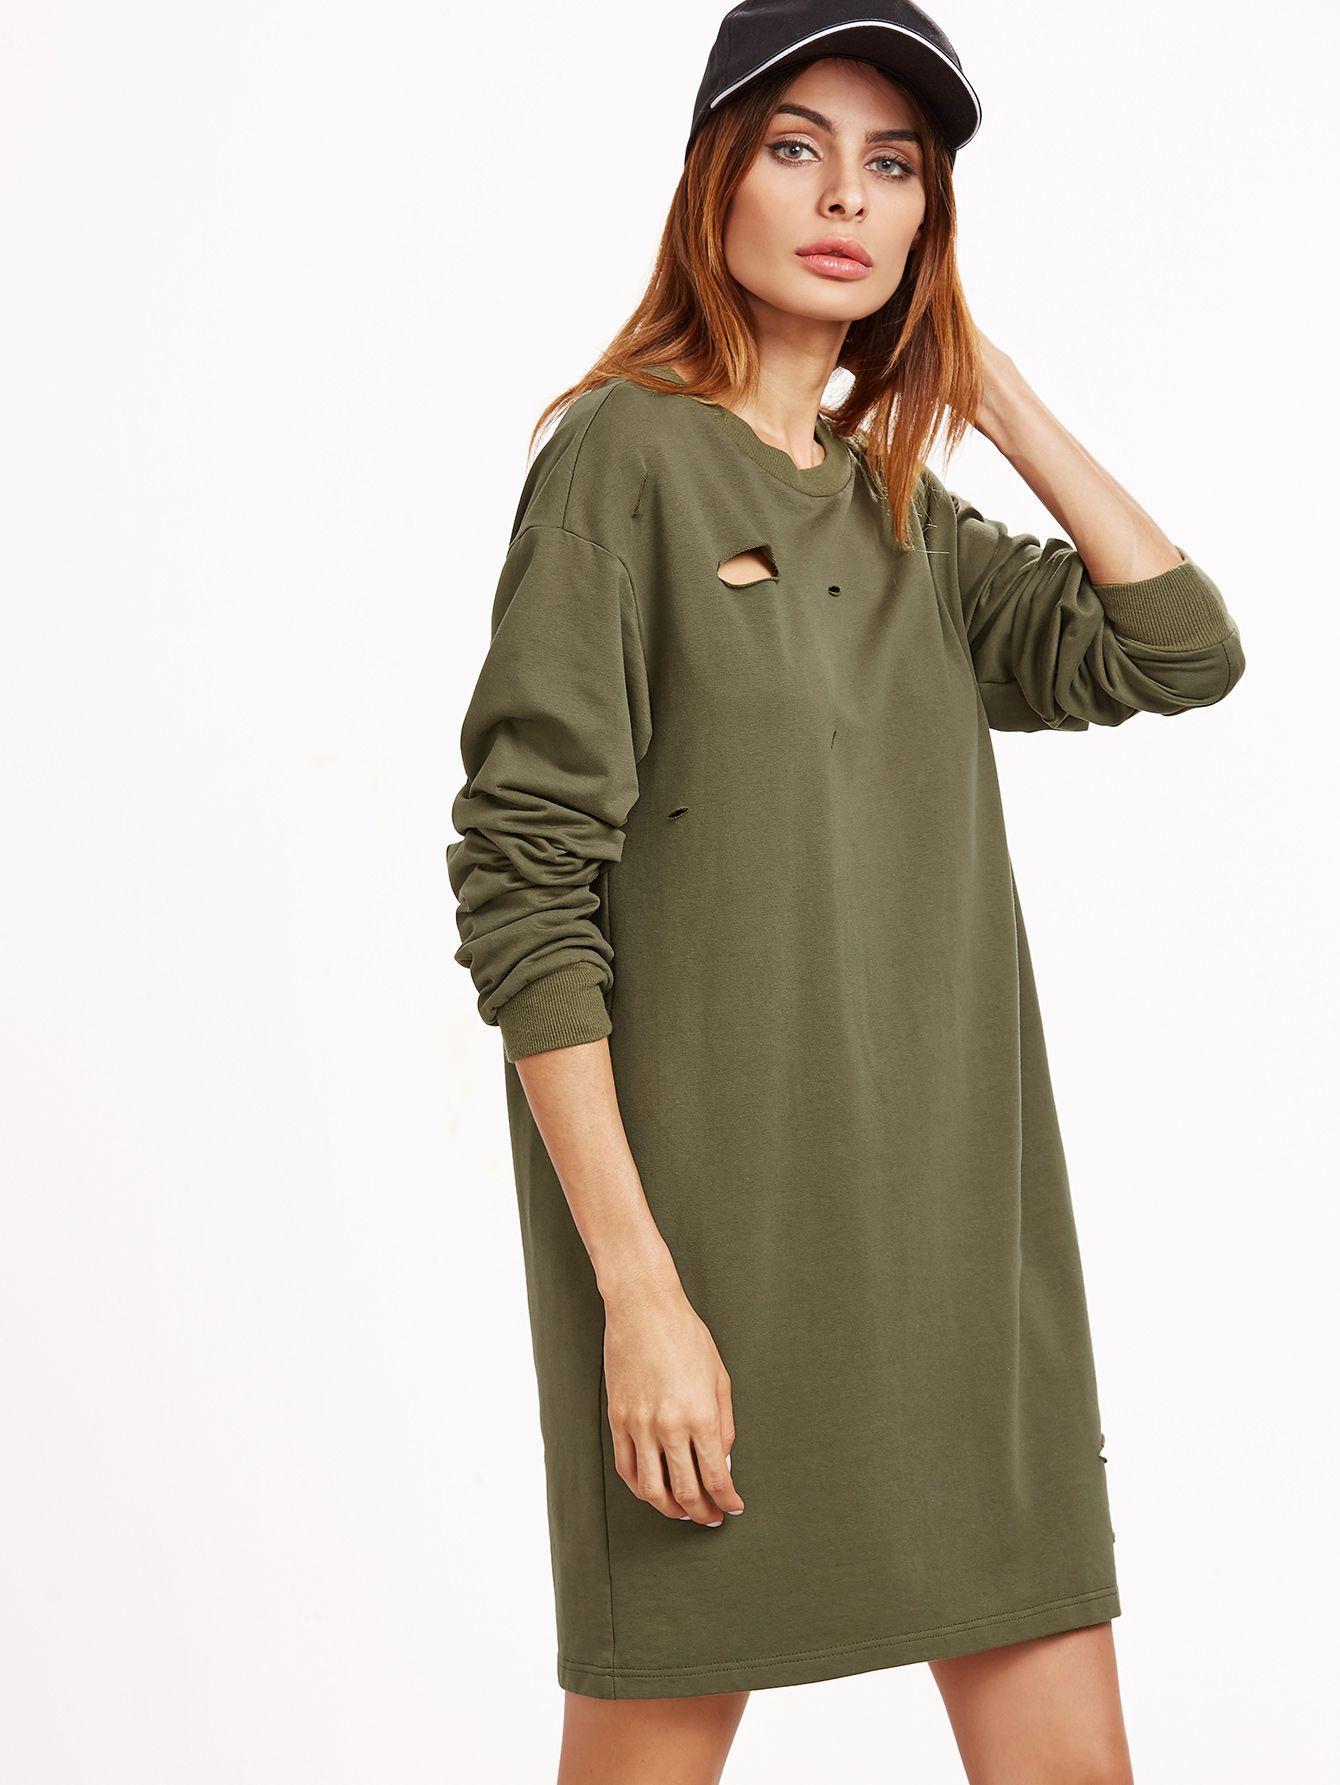 d9506393514 Модное платье-свитшот цвета хаки